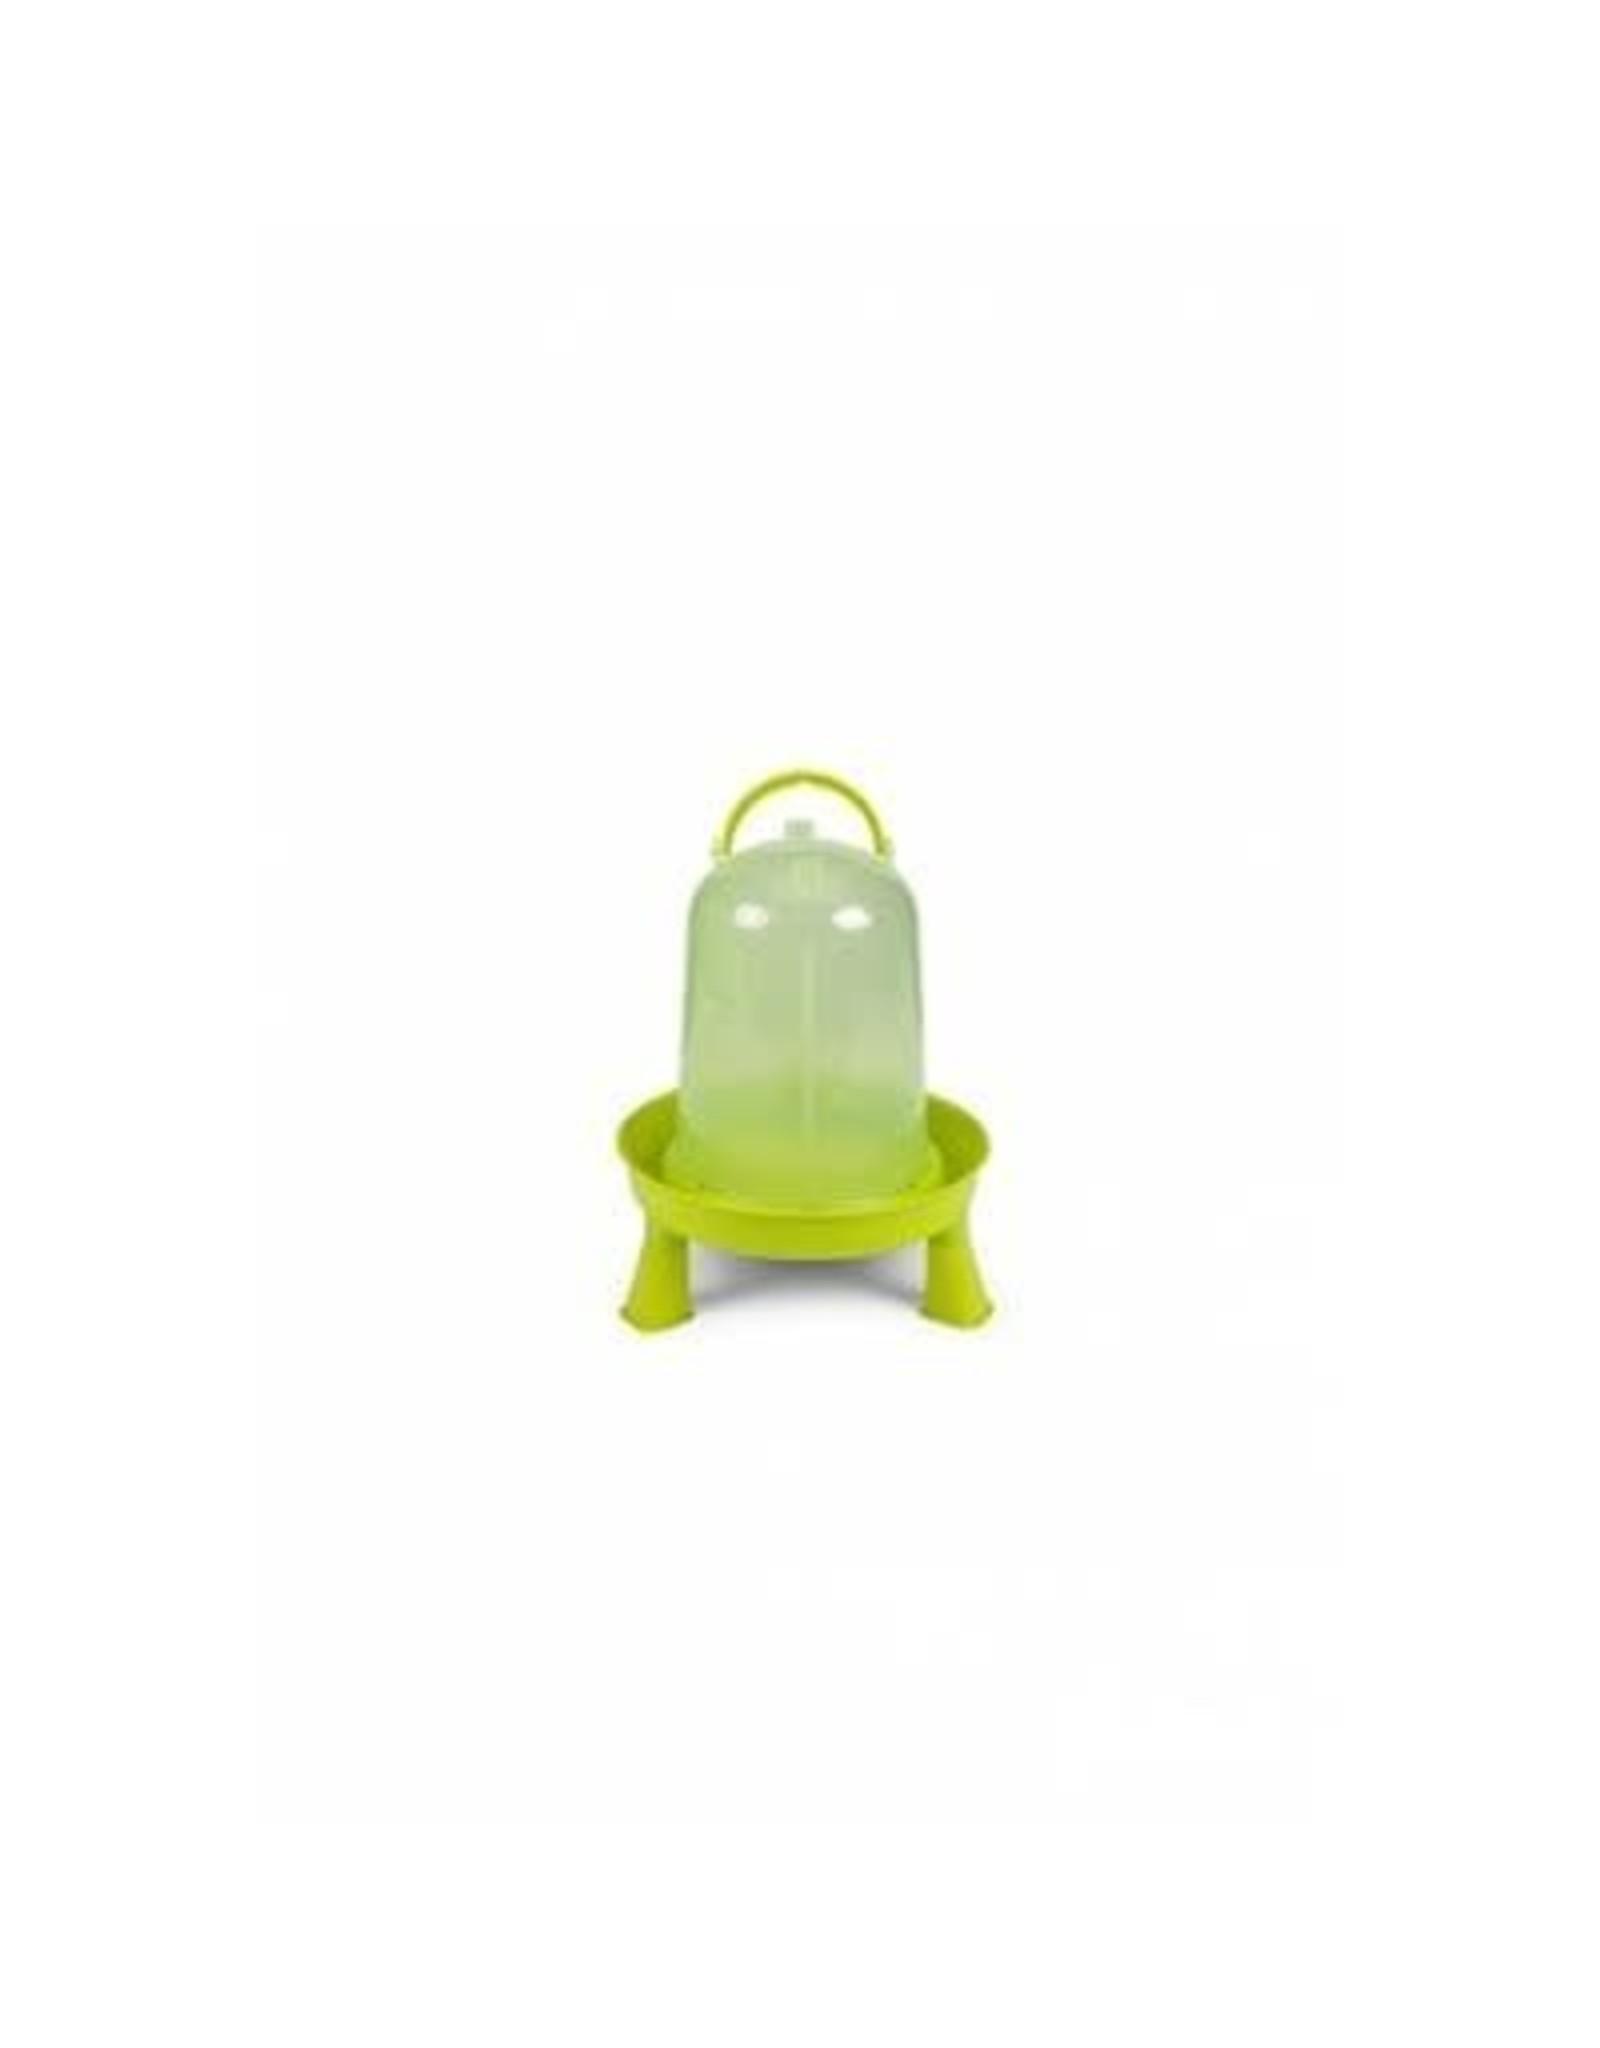 Gaun Abreuvoir Volailles eco 8L avec pieds, vert lime